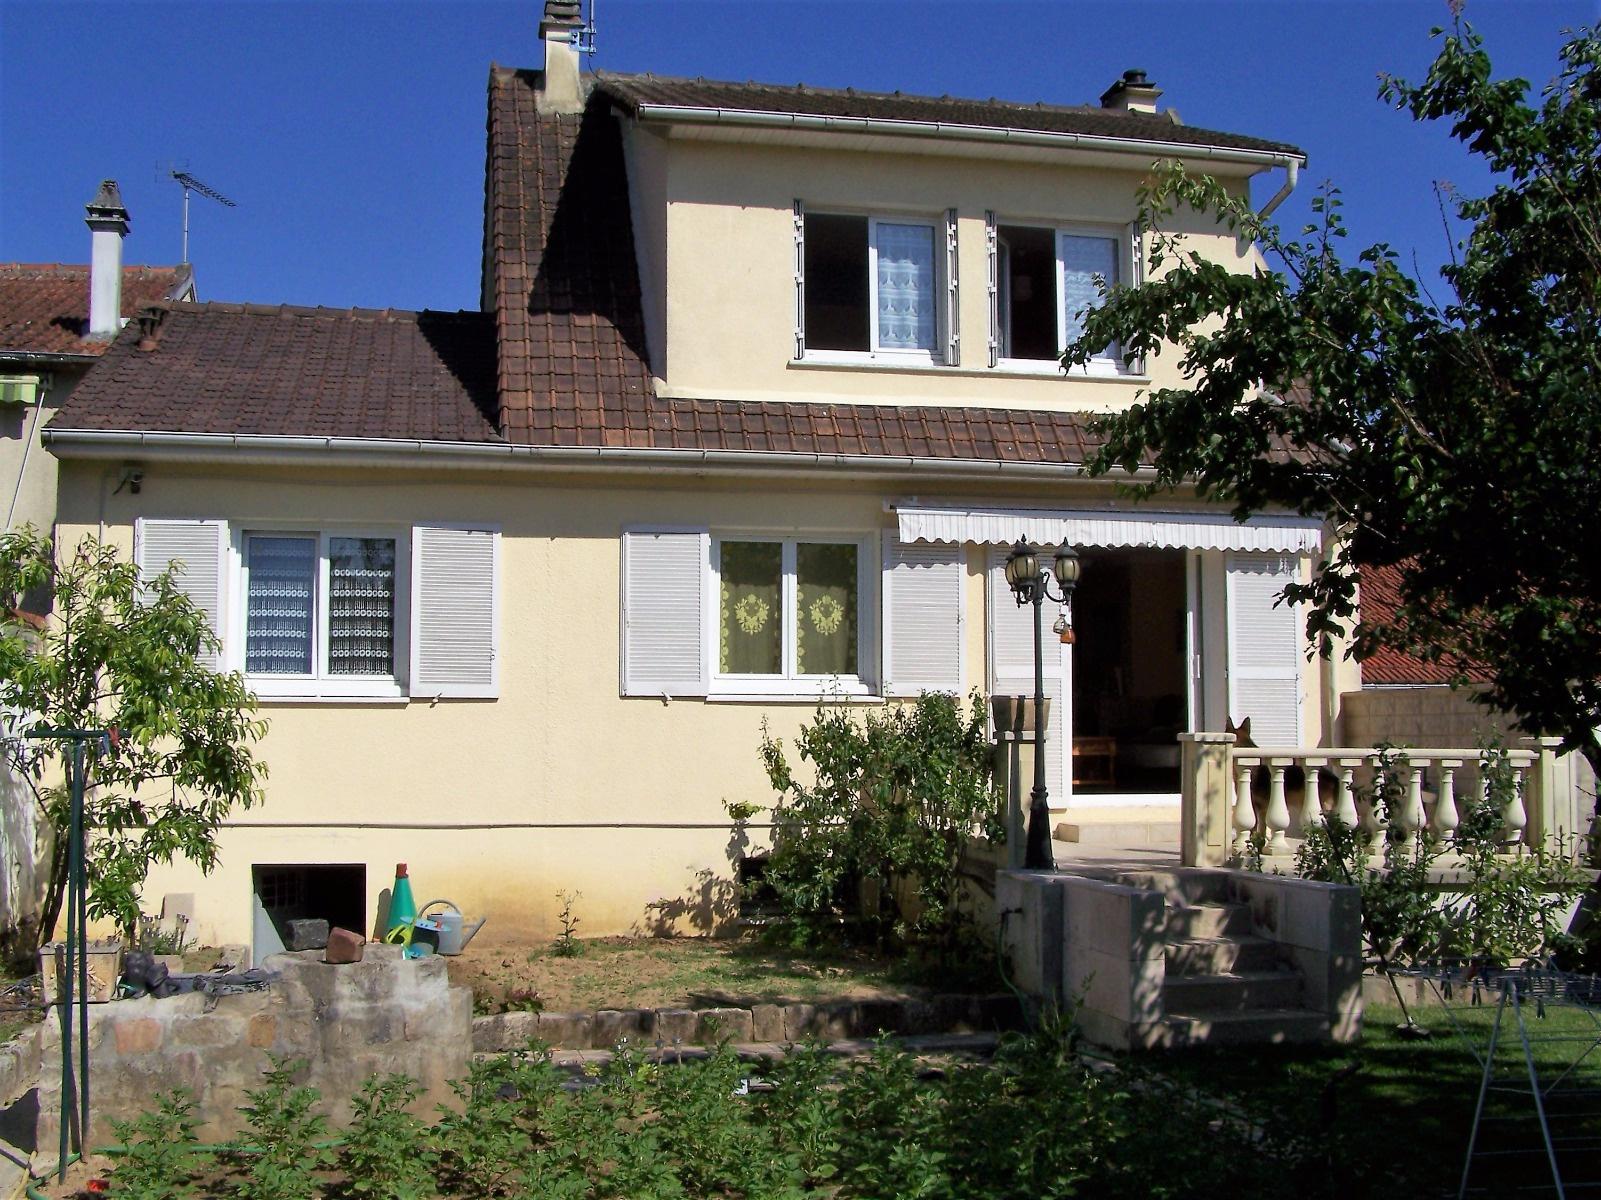 Maison viry chatillon 28 images vente maison de plain for Annonce achat maison